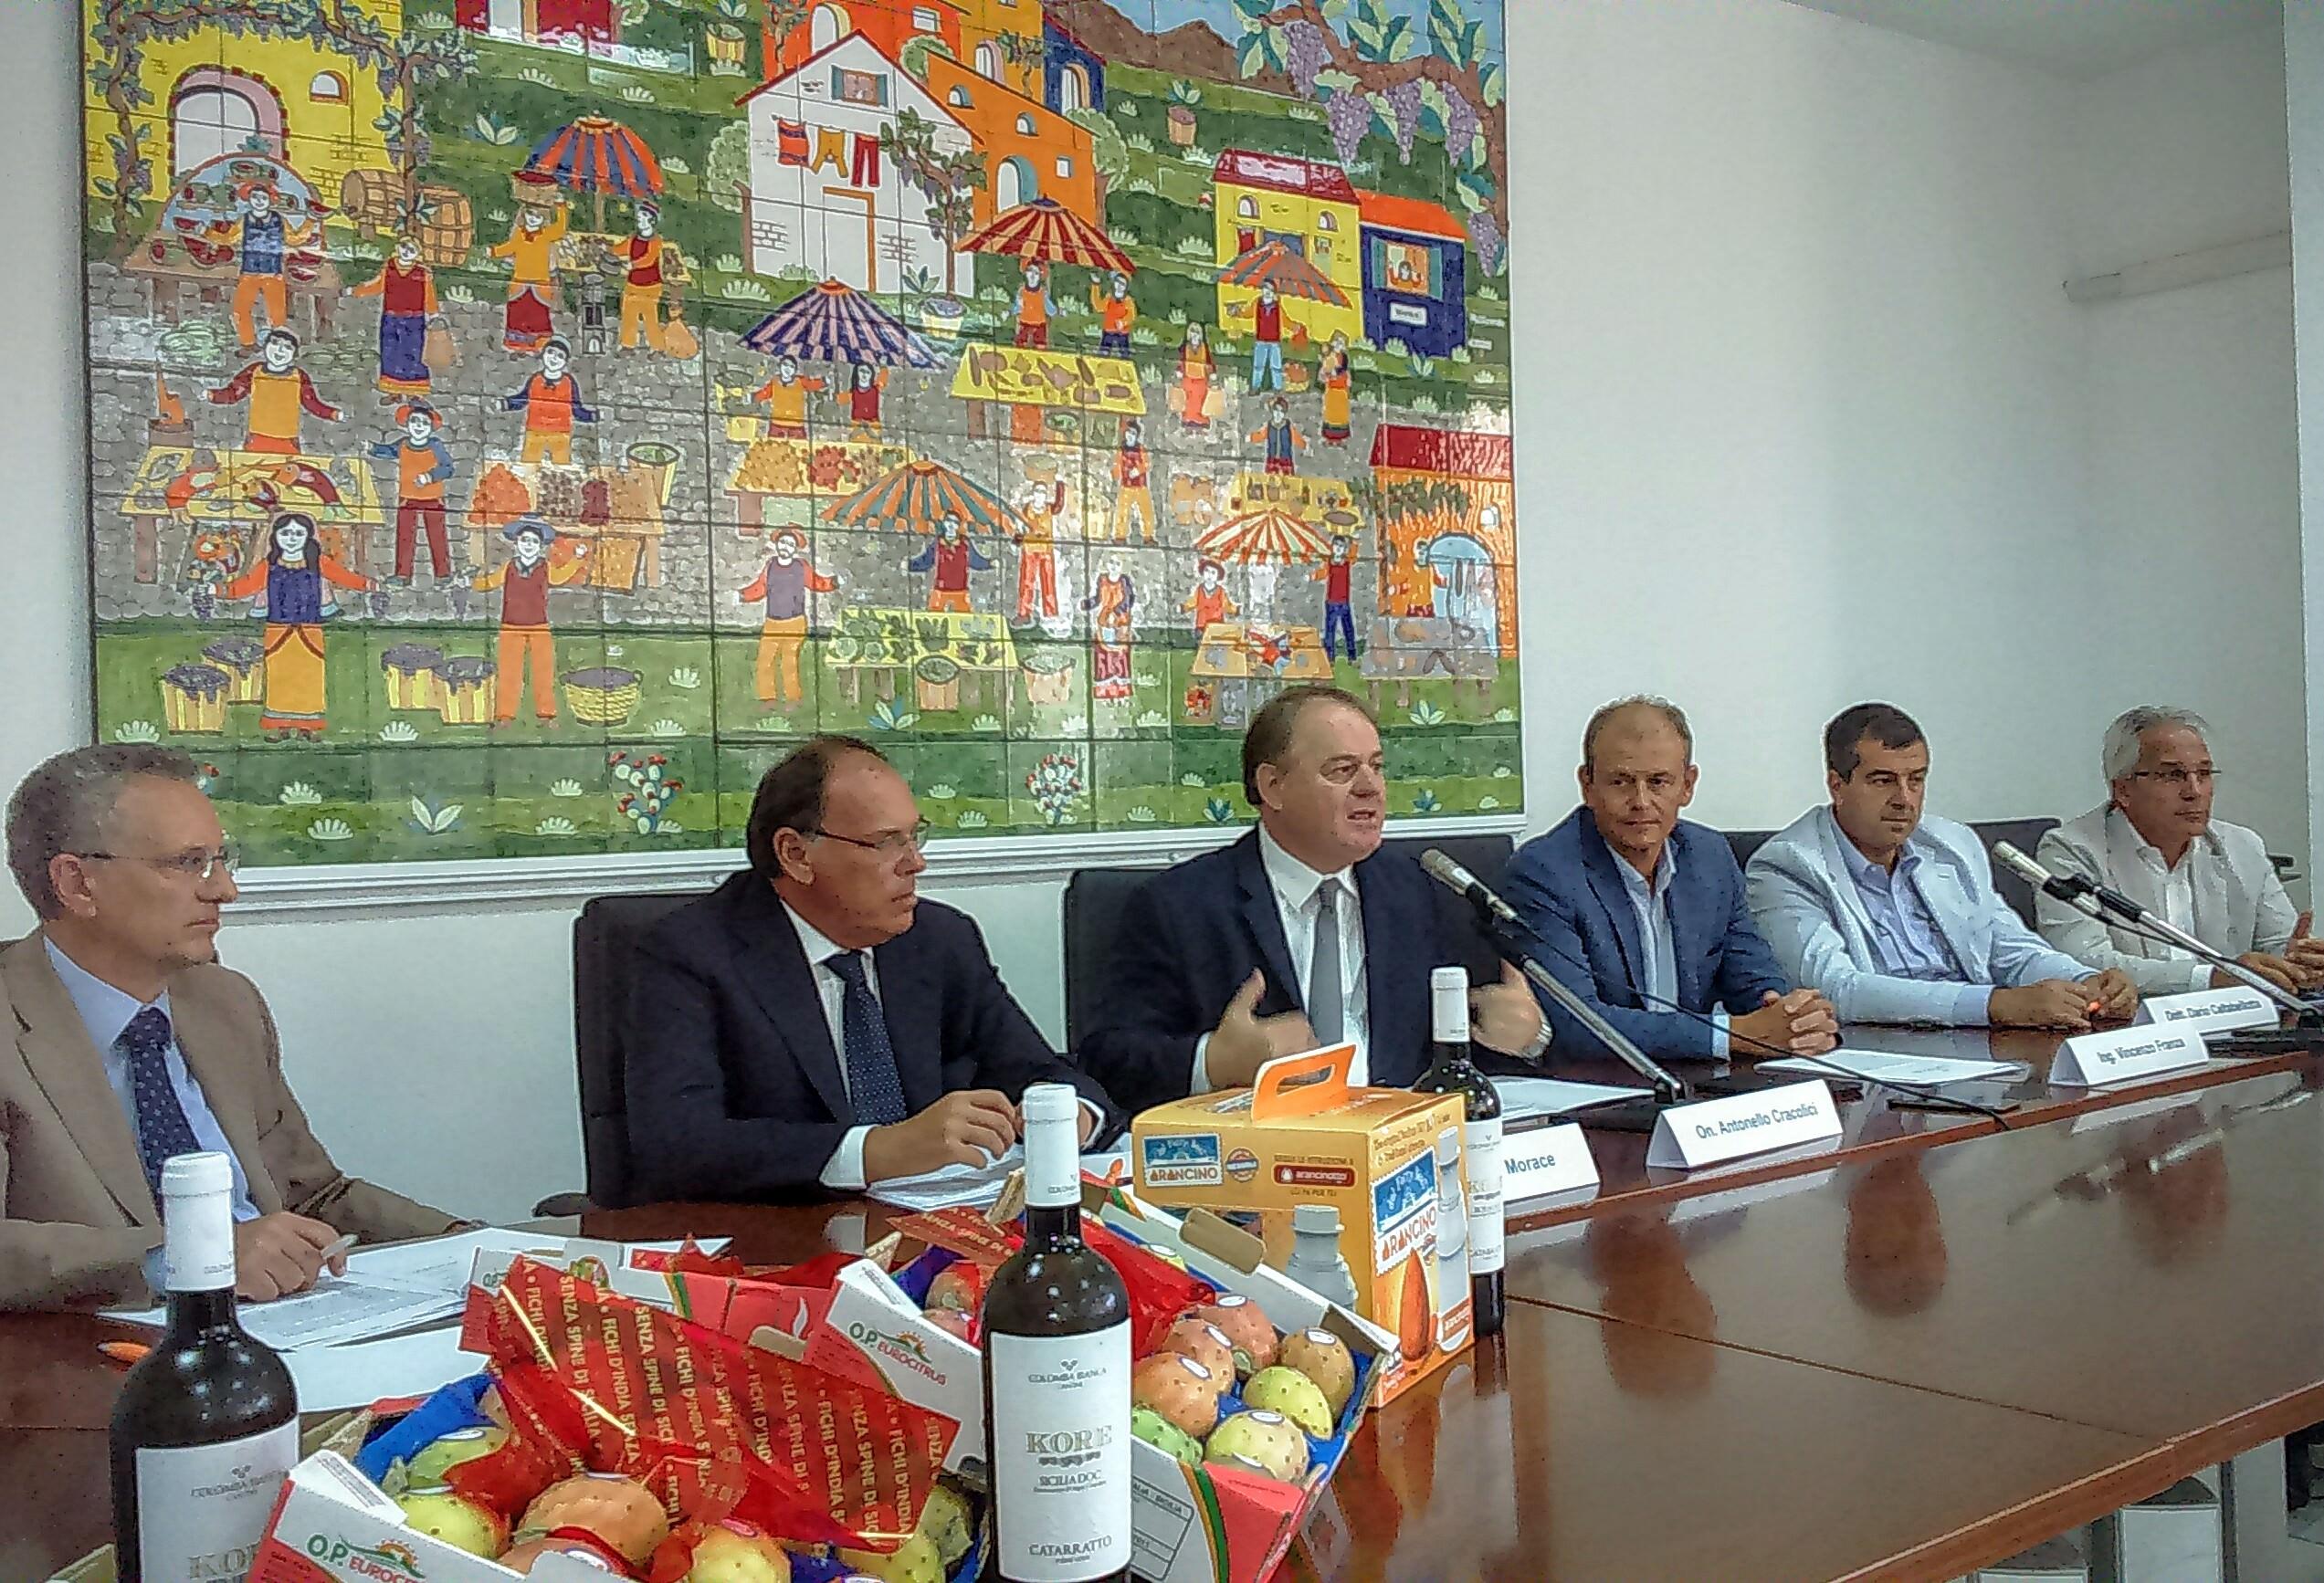 Presentata campagna promozionale dei prodotti siciliani sulle navi